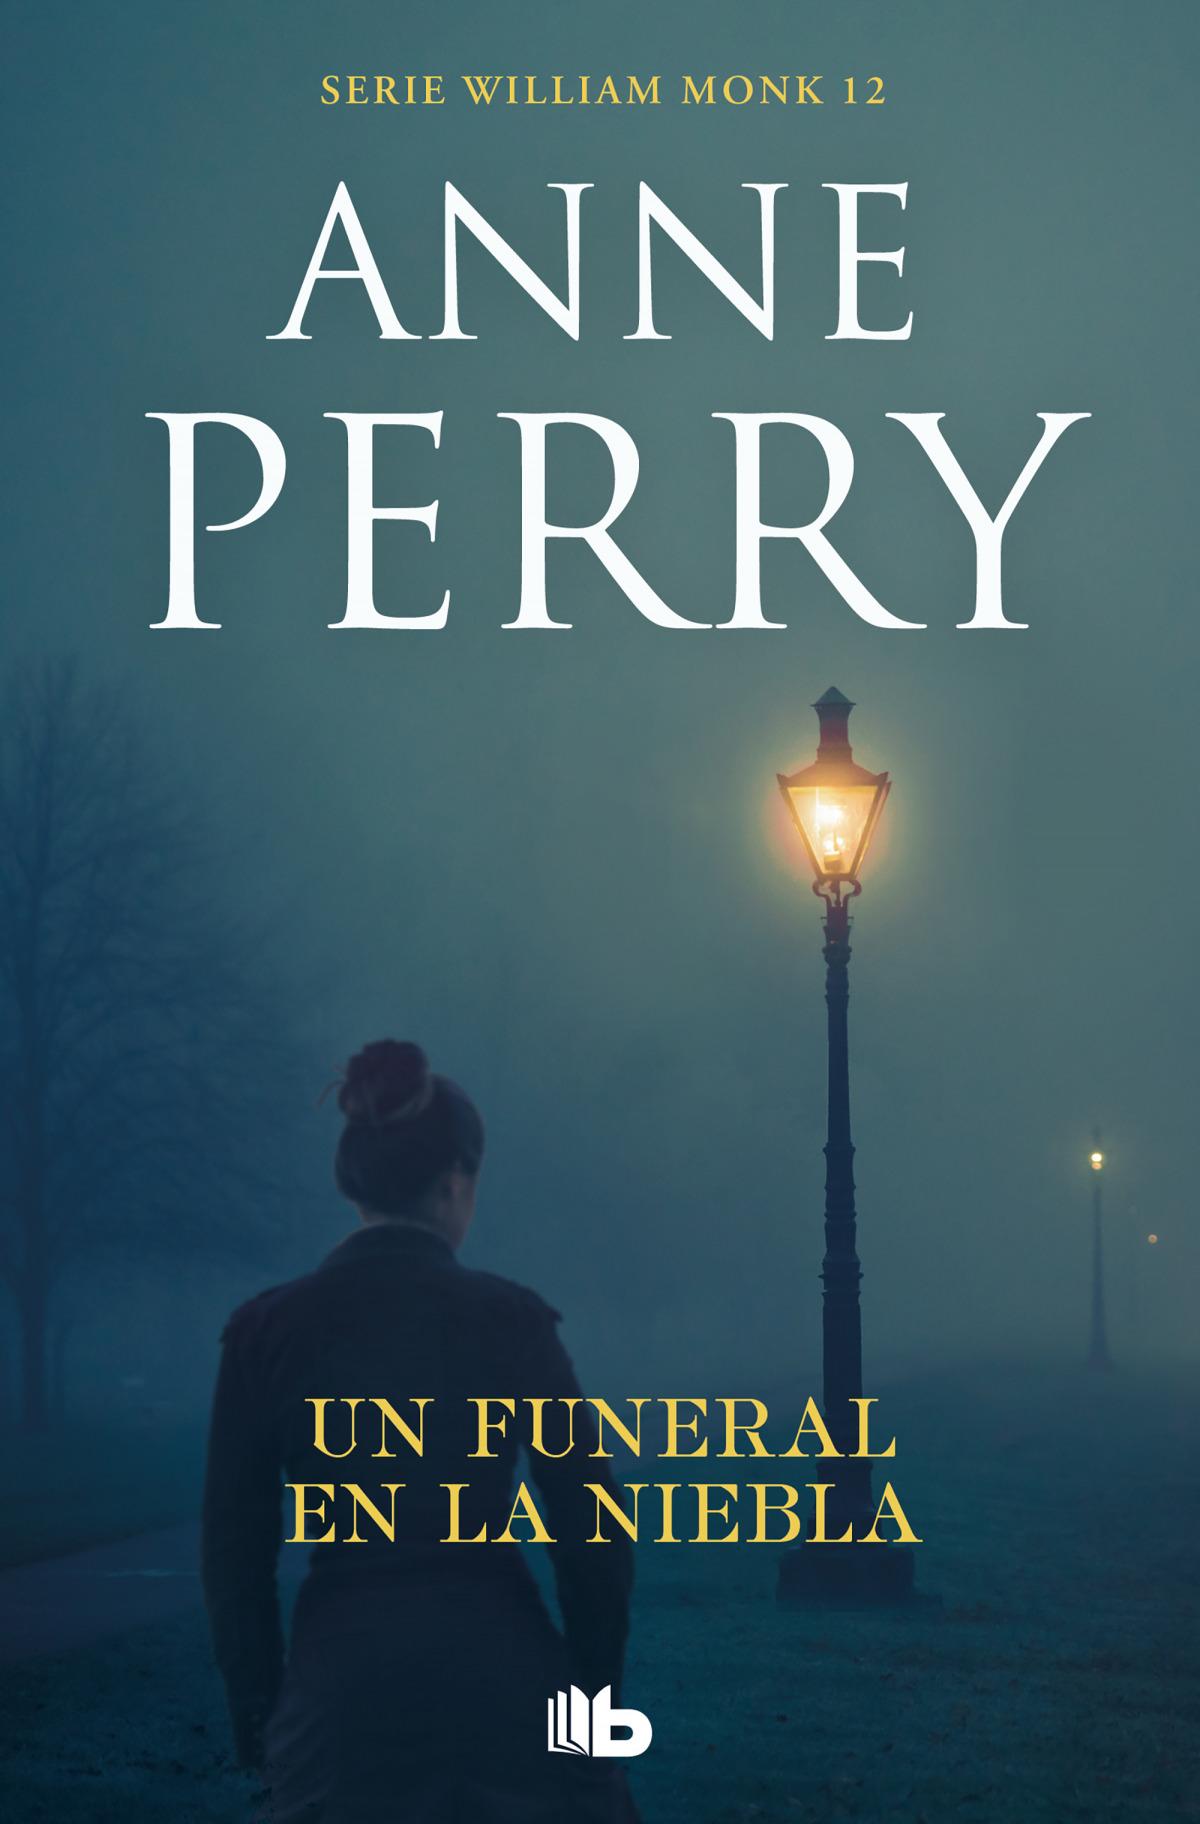 Un funeral en la niebla (Detective William Monk 12)